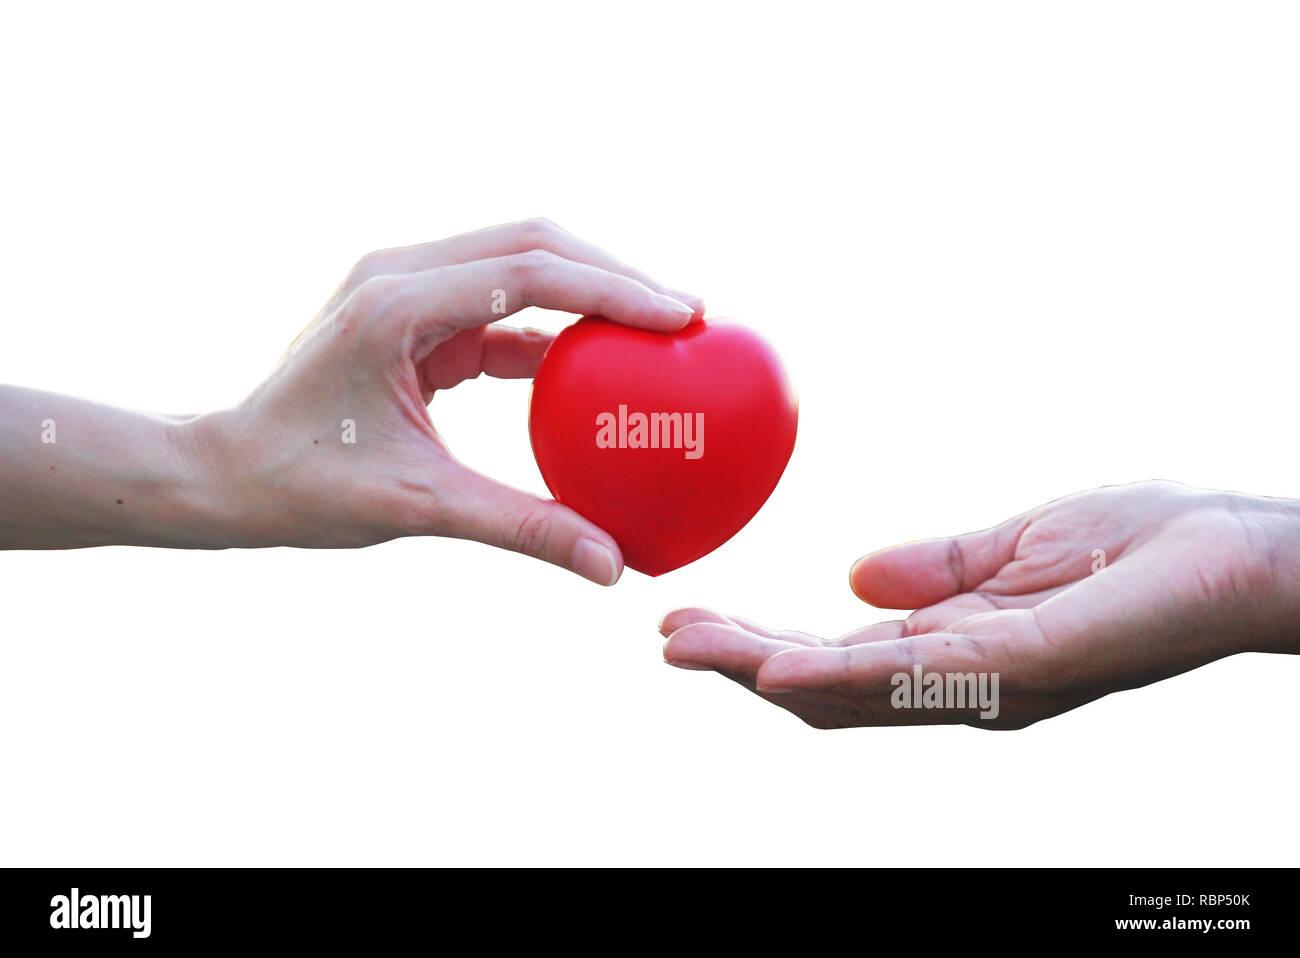 Amigo 's mano dar corazón rojo para alentar perdedor con fondo blanco. Imagen De Stock